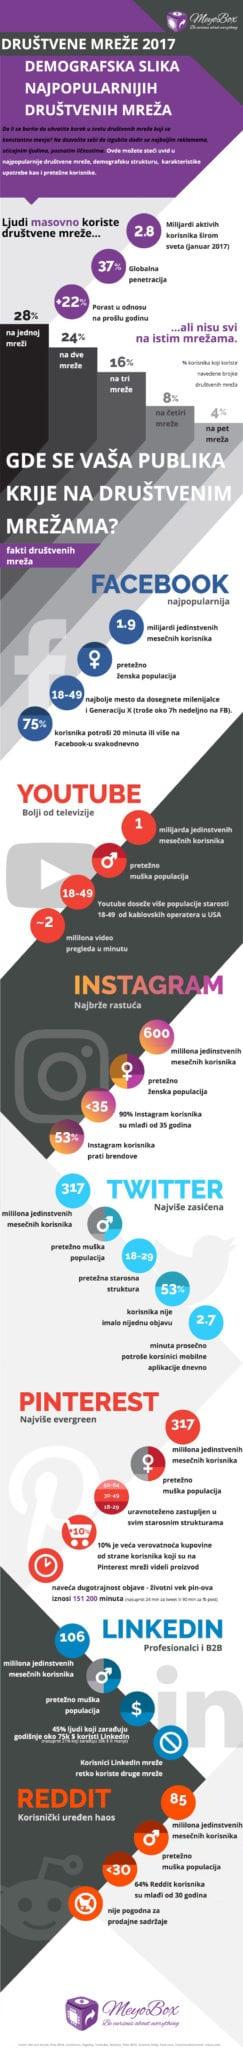 MeyoBox-Infografika-Demografija-Drustvenih-Mreza